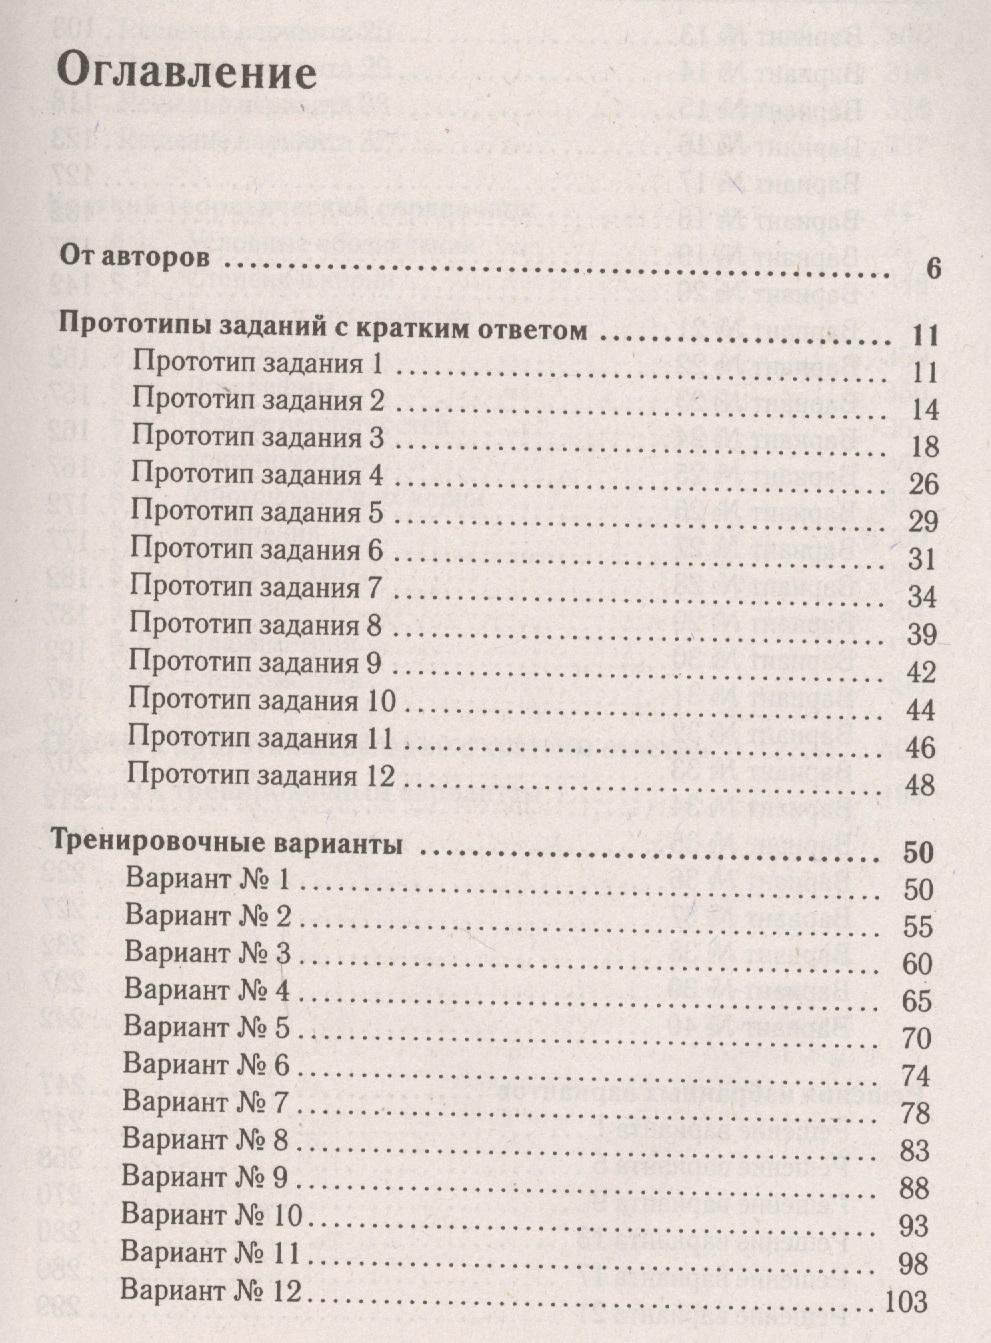 Решебник к тестам по математике егэ 2018 под редакцией лысенко